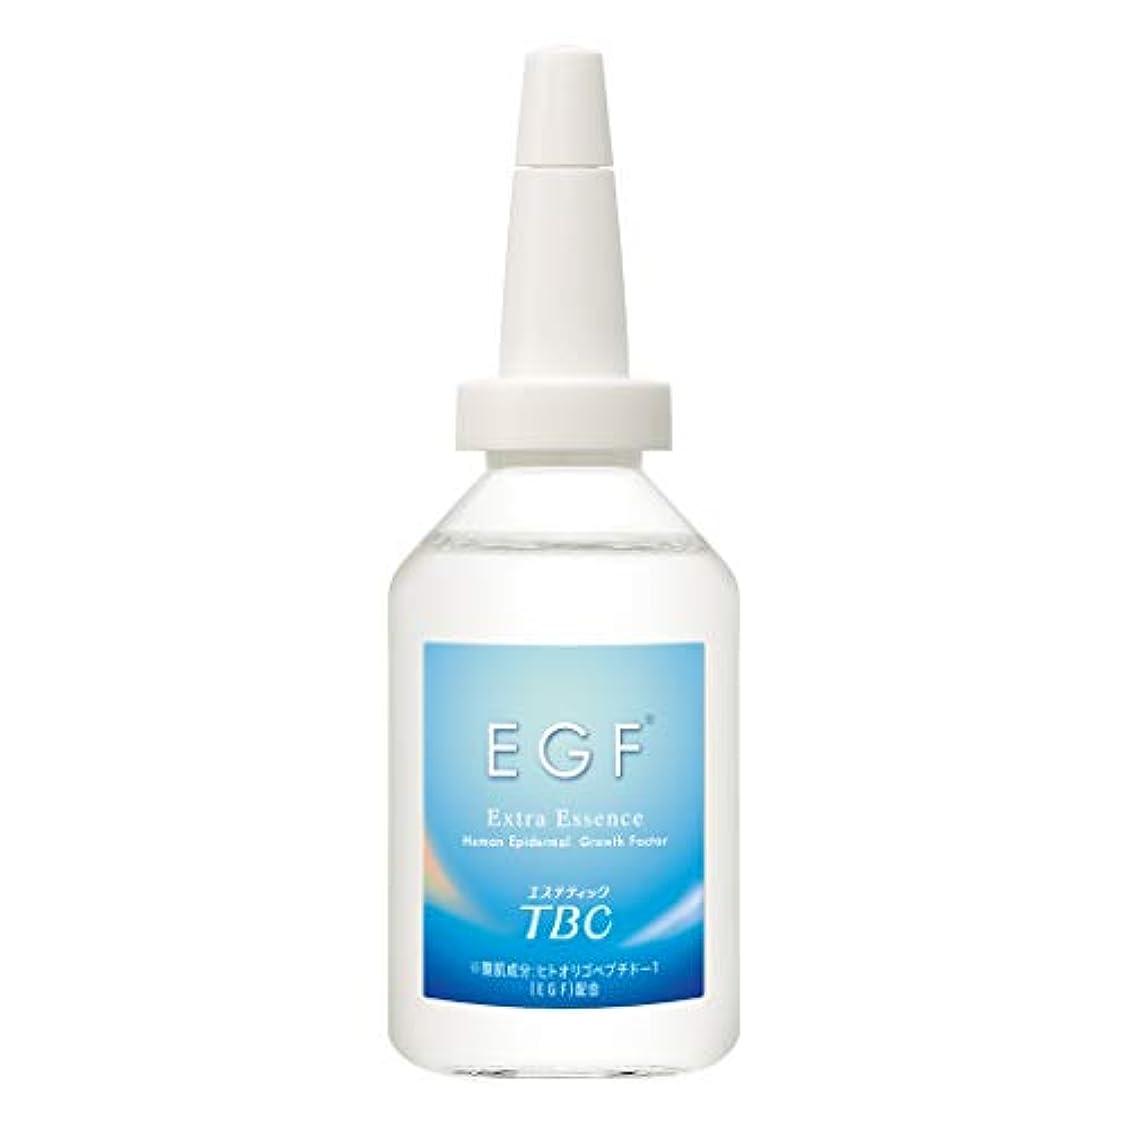 害香り周術期TBC エステティックTBC EGFエクストラエッセンス 美容液 30mL